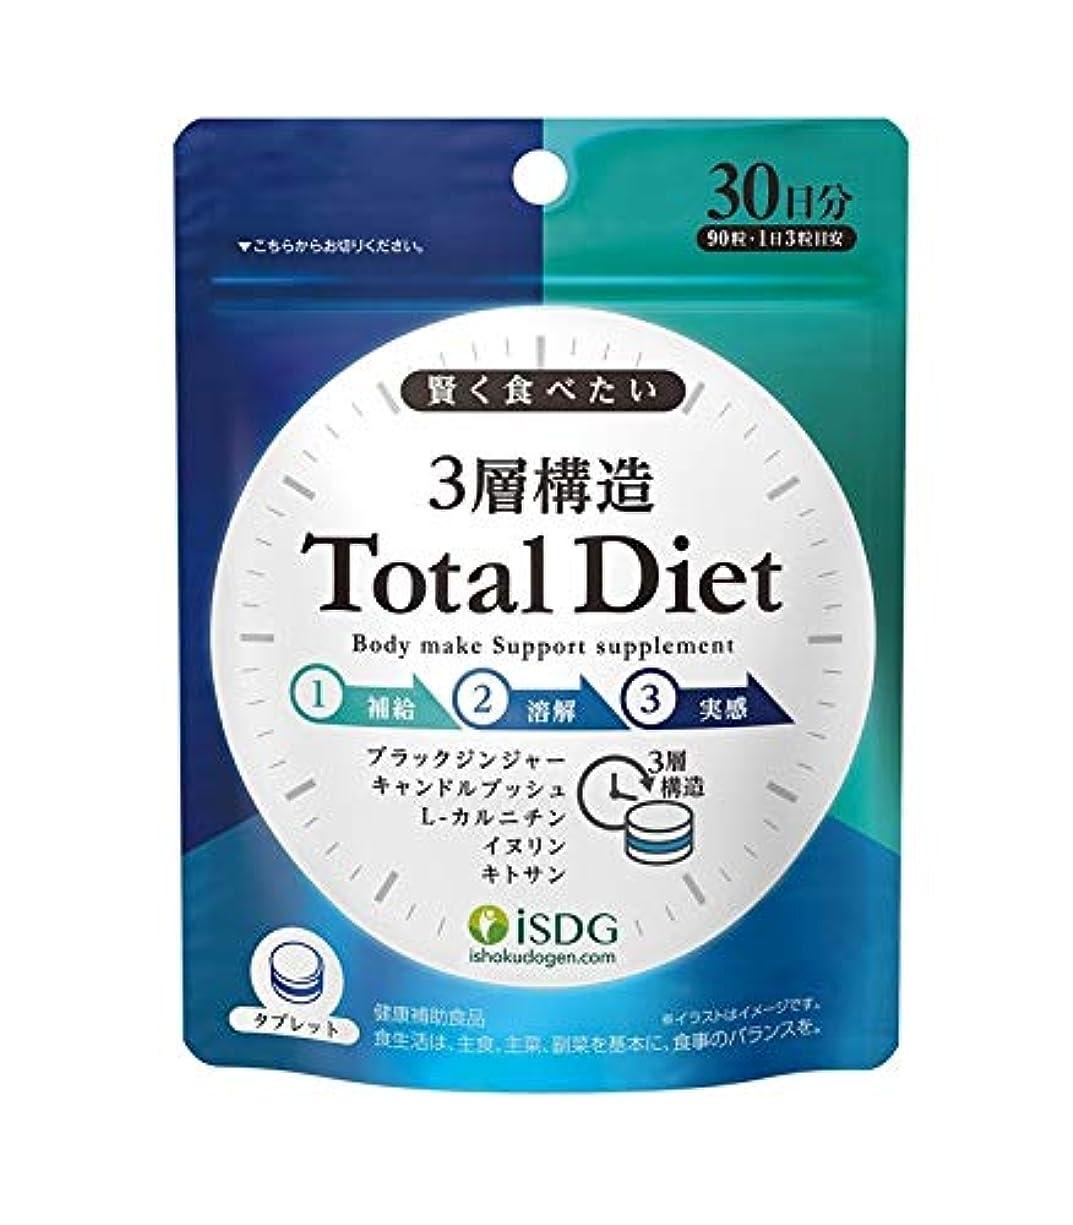 アルミニウム要求妥協医食同源 3層構造Total Diet 90粒